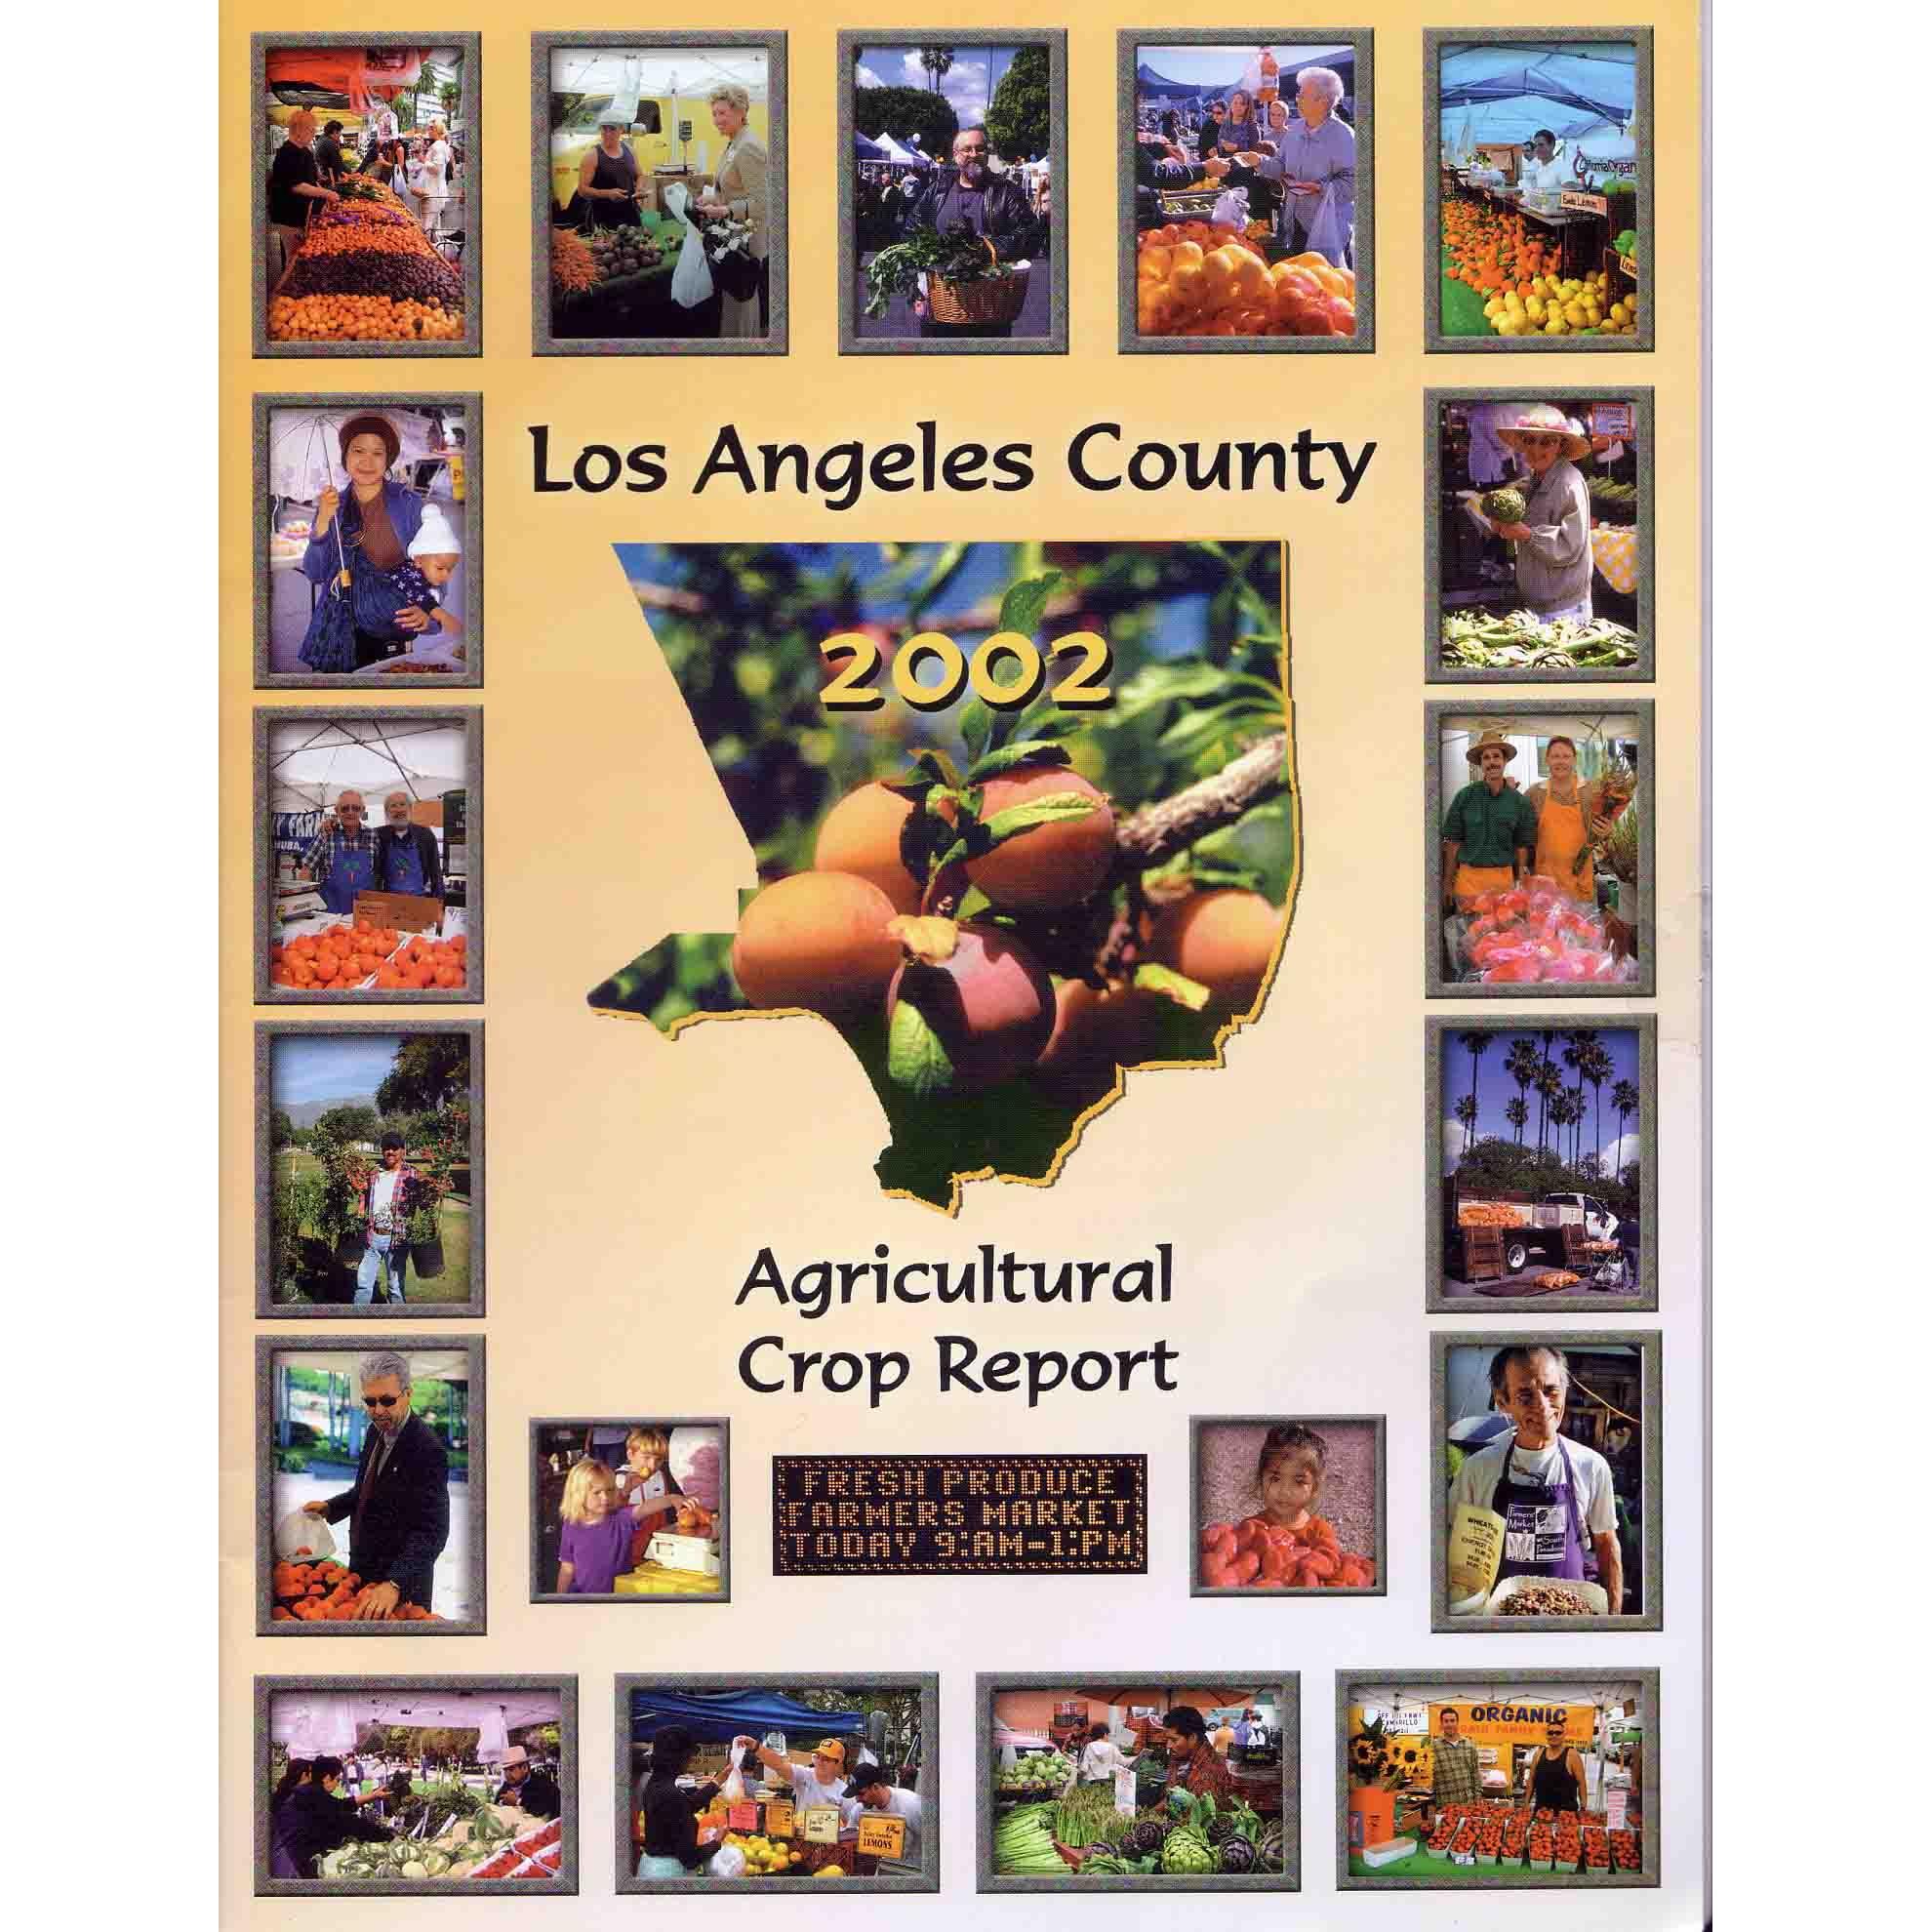 2002 Crop Report